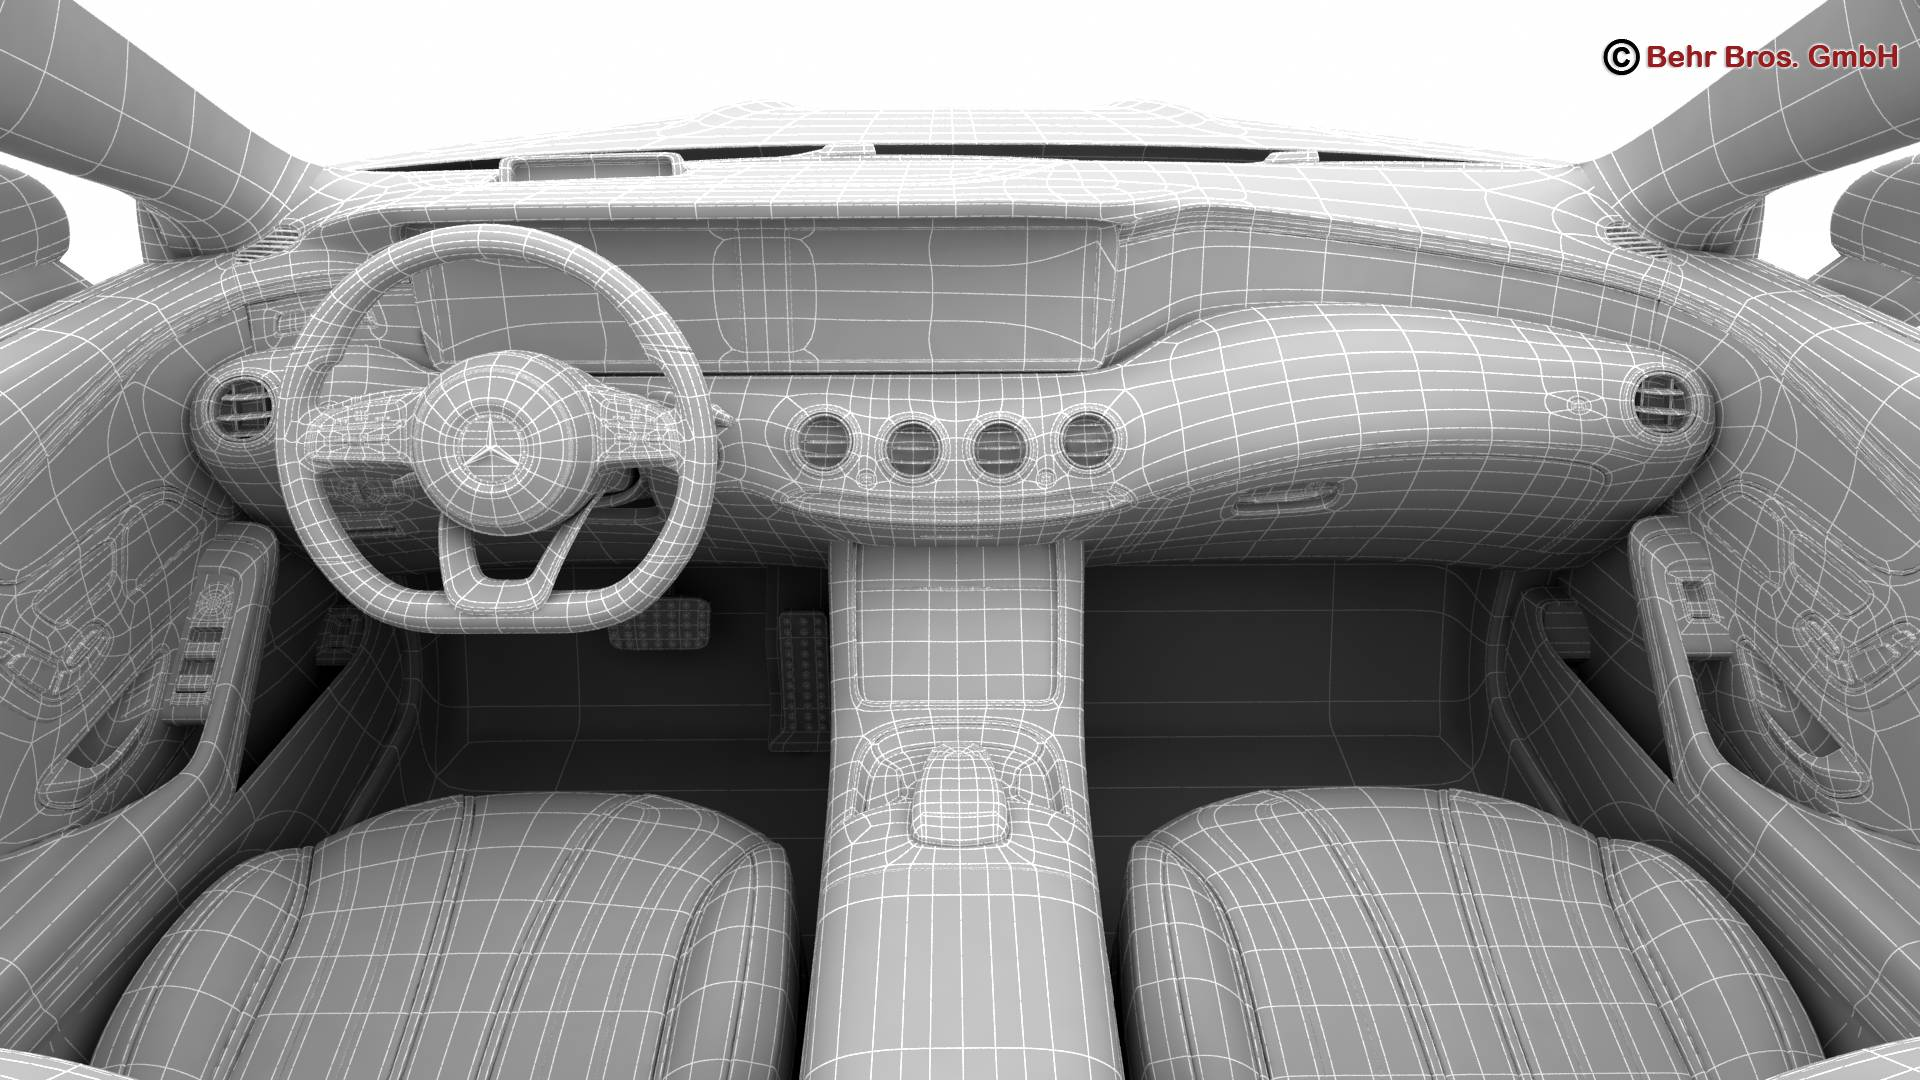 mercedes s class coupe amg line 2018 3d model 3ds max fbx c4d lwo ma mb obj 275686